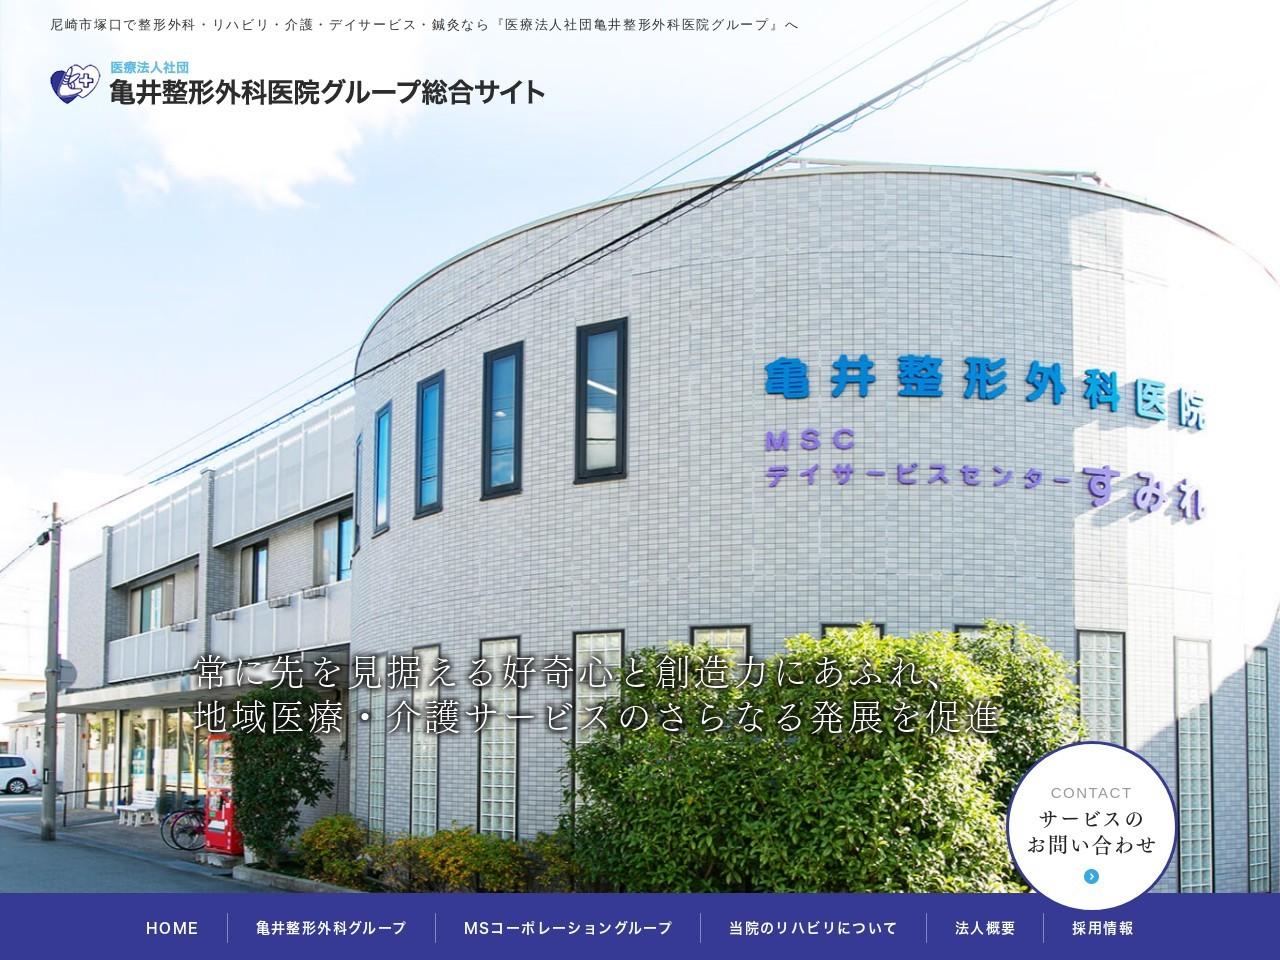 医療法人社団亀井整形外科医院|尼崎市での医療、介護